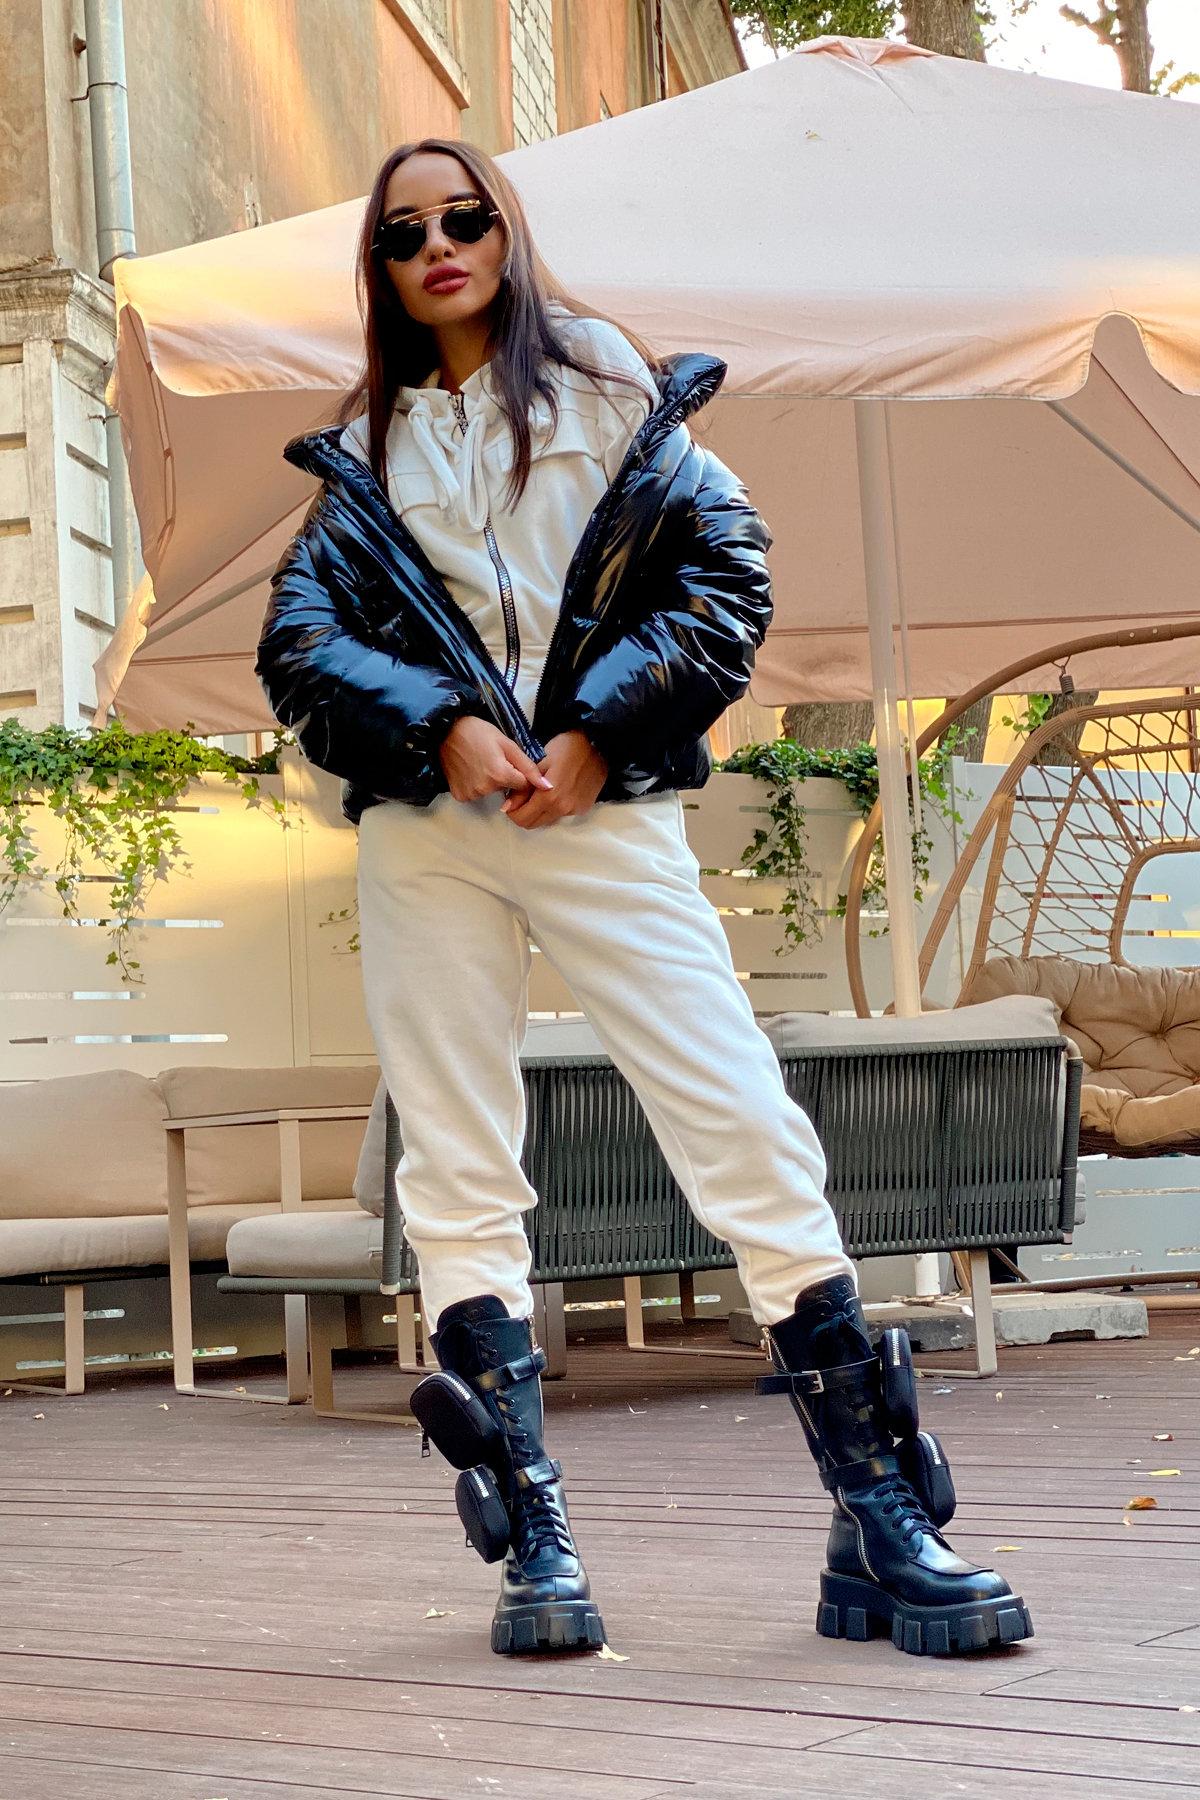 Куртка Драйв 8989 АРТ. 45299 Цвет: Черный - фото 23, интернет магазин tm-modus.ru